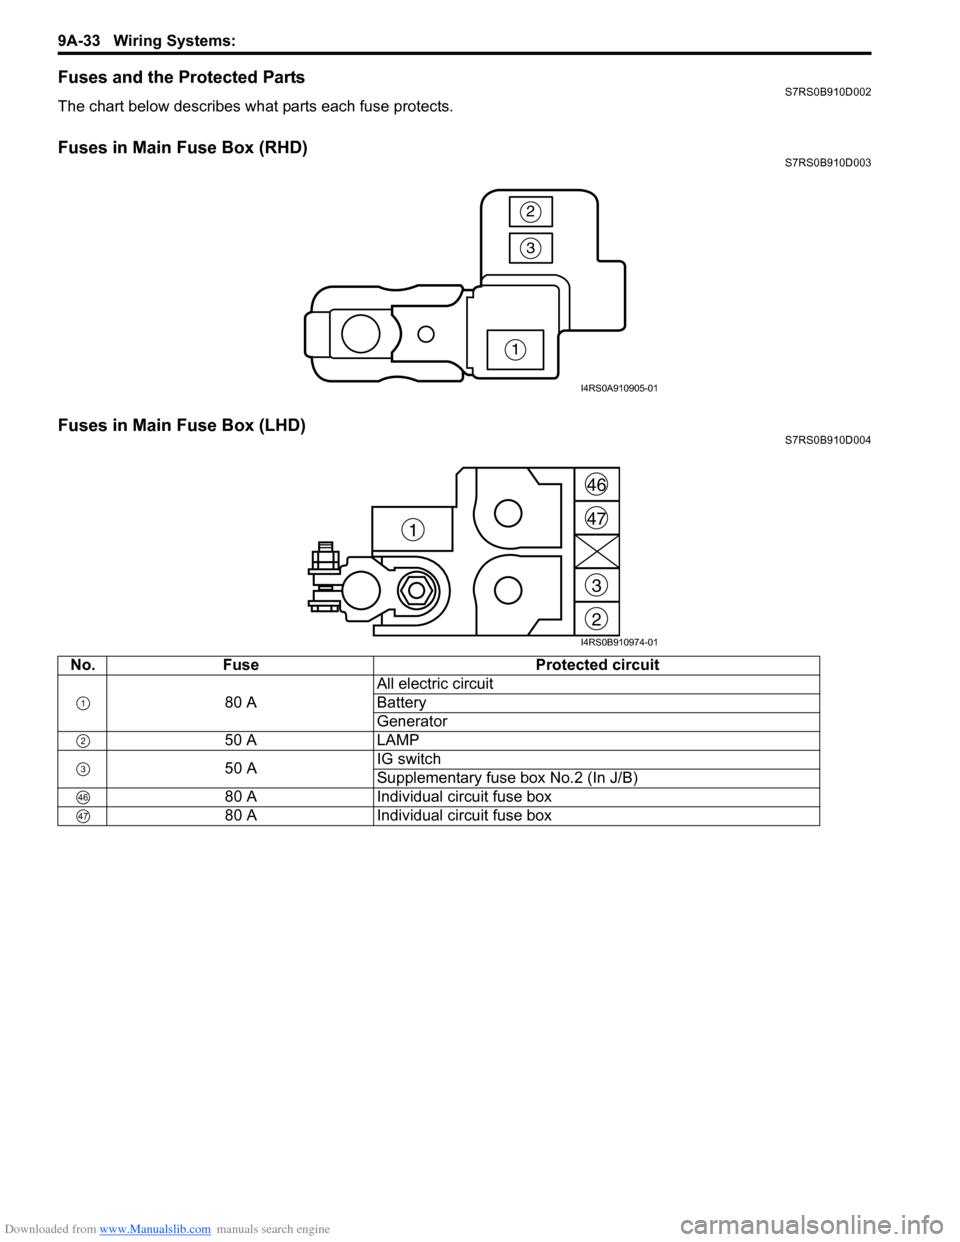 medium resolution of suzuki swift 2005 2 g service workshop manual page 1204